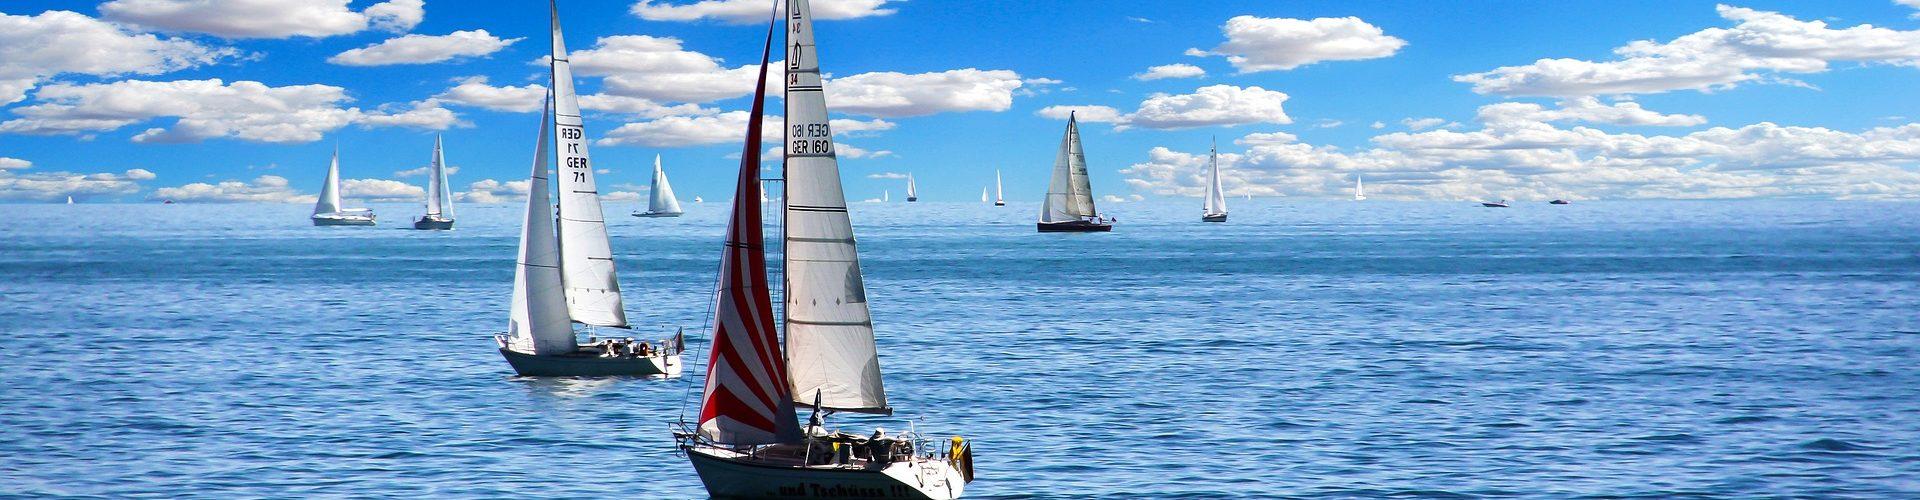 segeln lernen in Kerpen segelschein machen in Kerpen 1920x500 - Segeln lernen in Kerpen